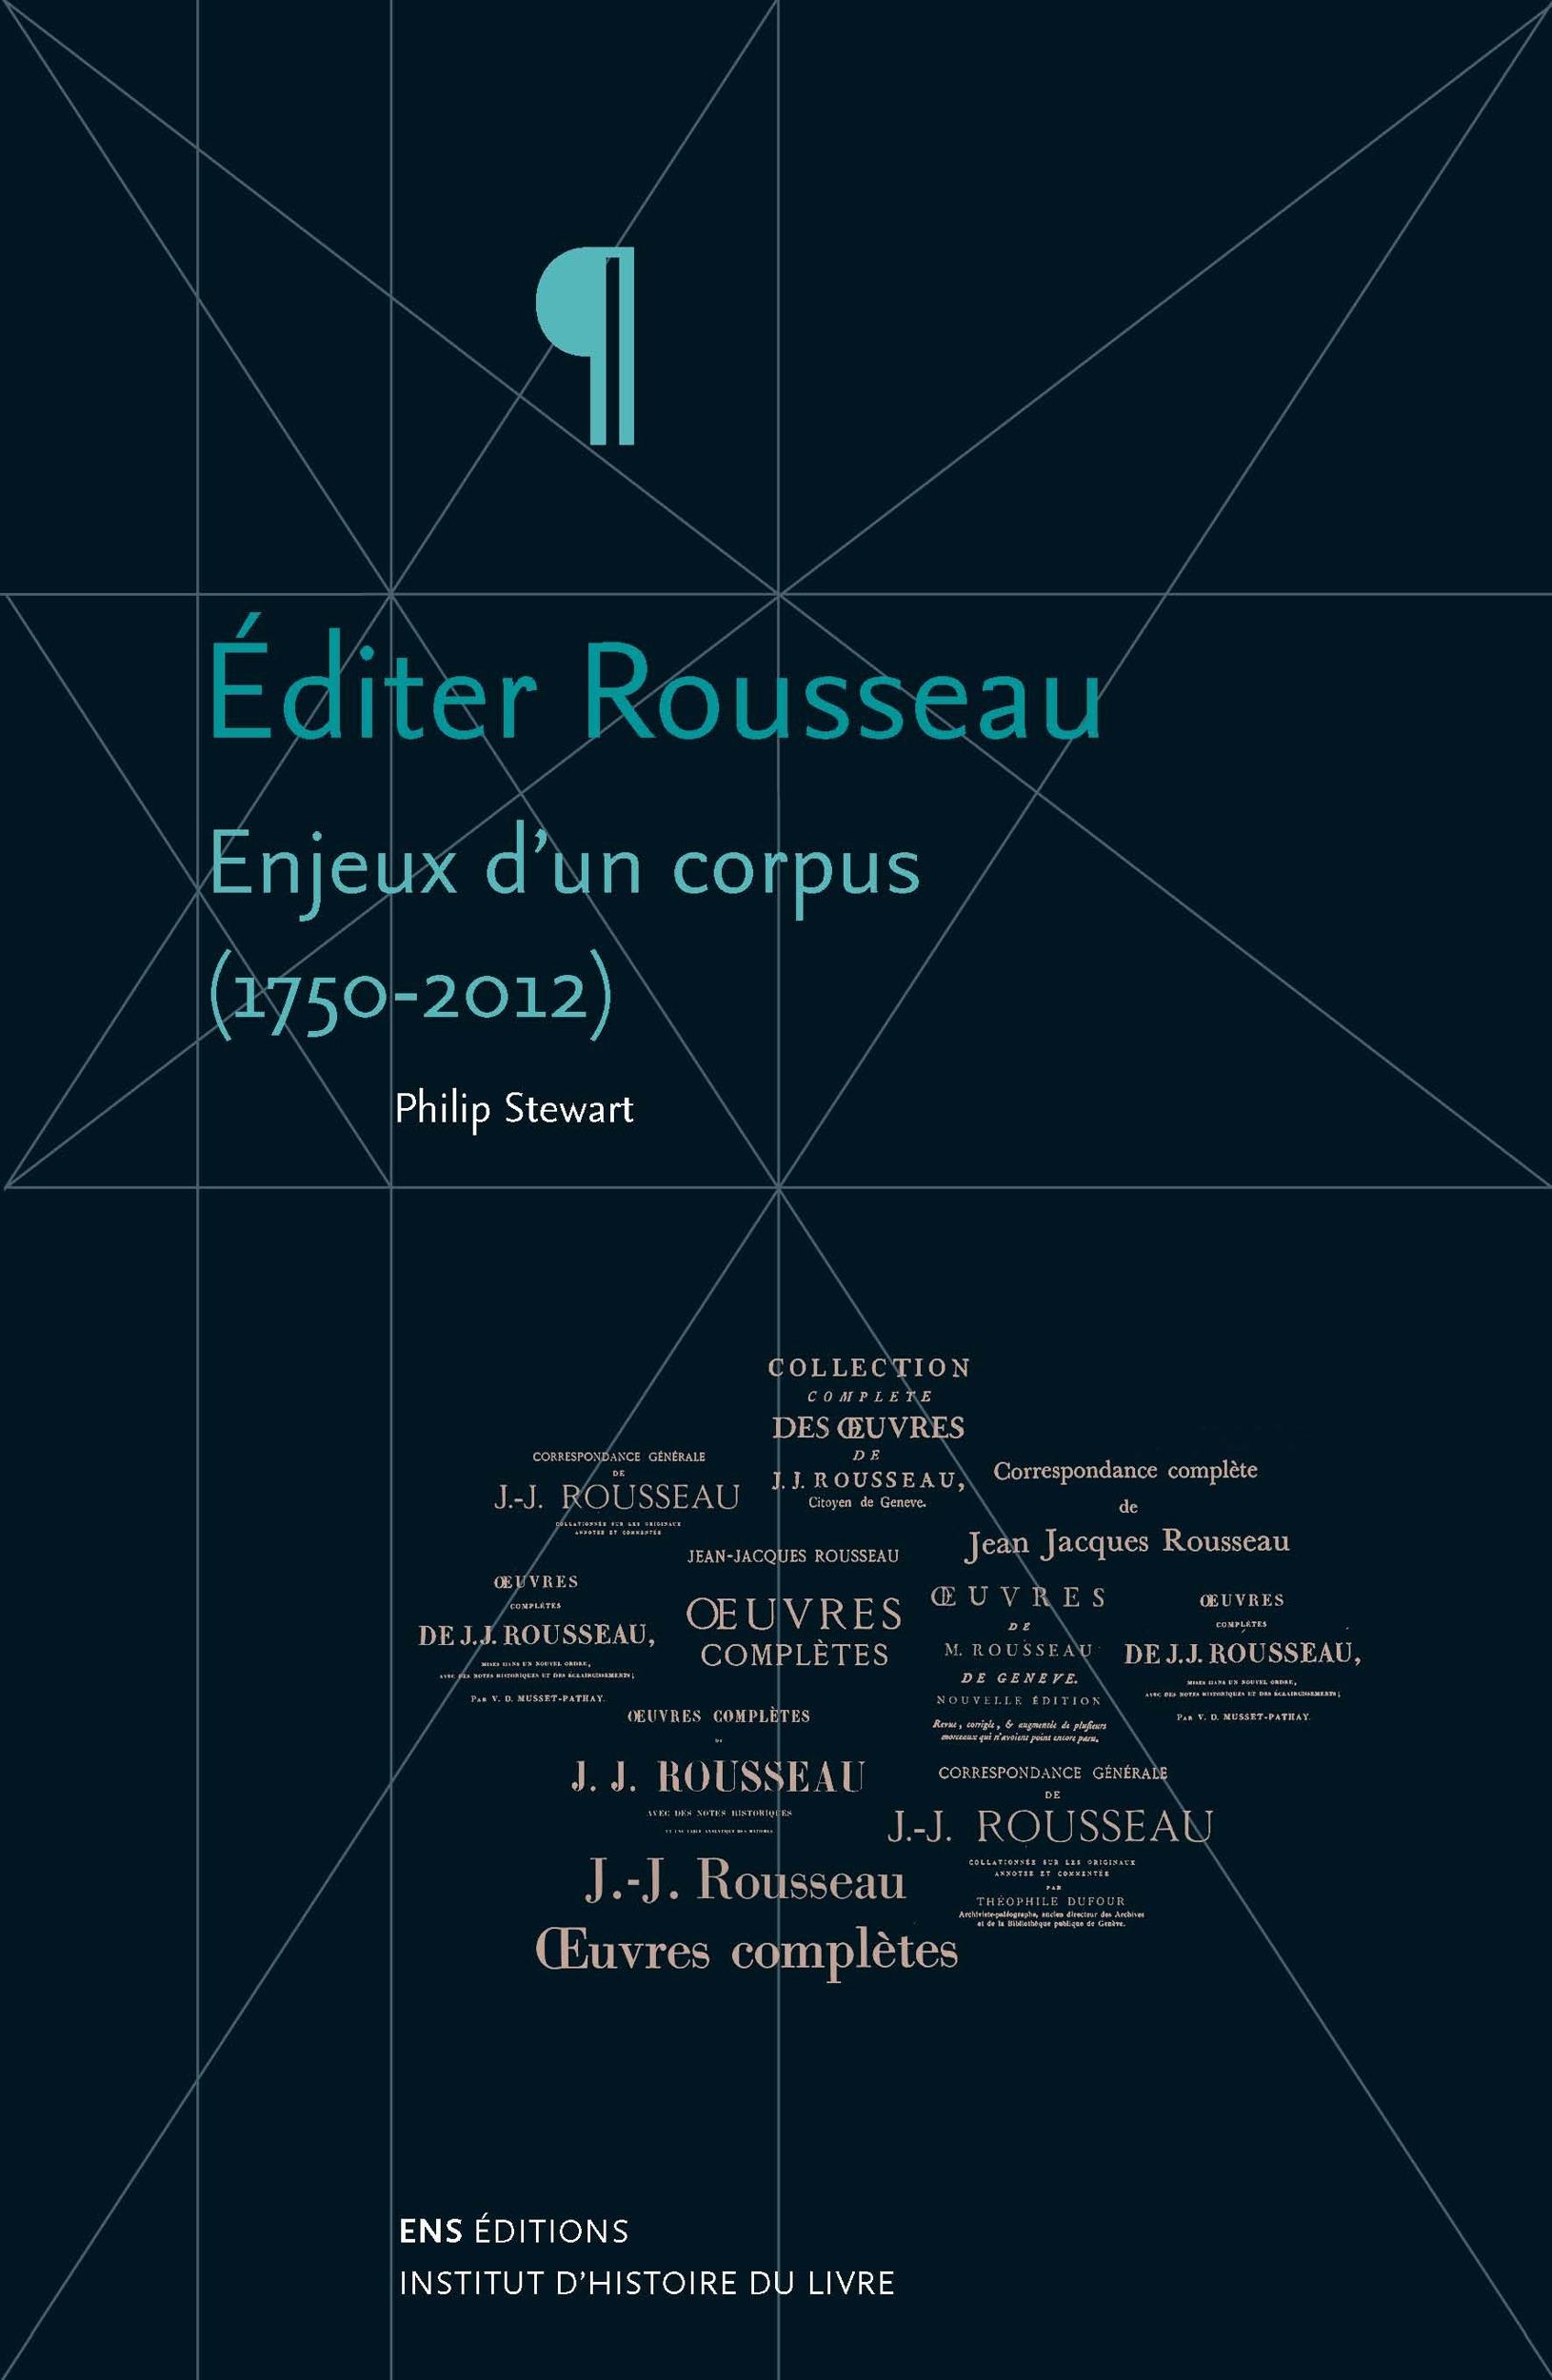 editer rousseau - enjeux d'un corpus, 1750-2012